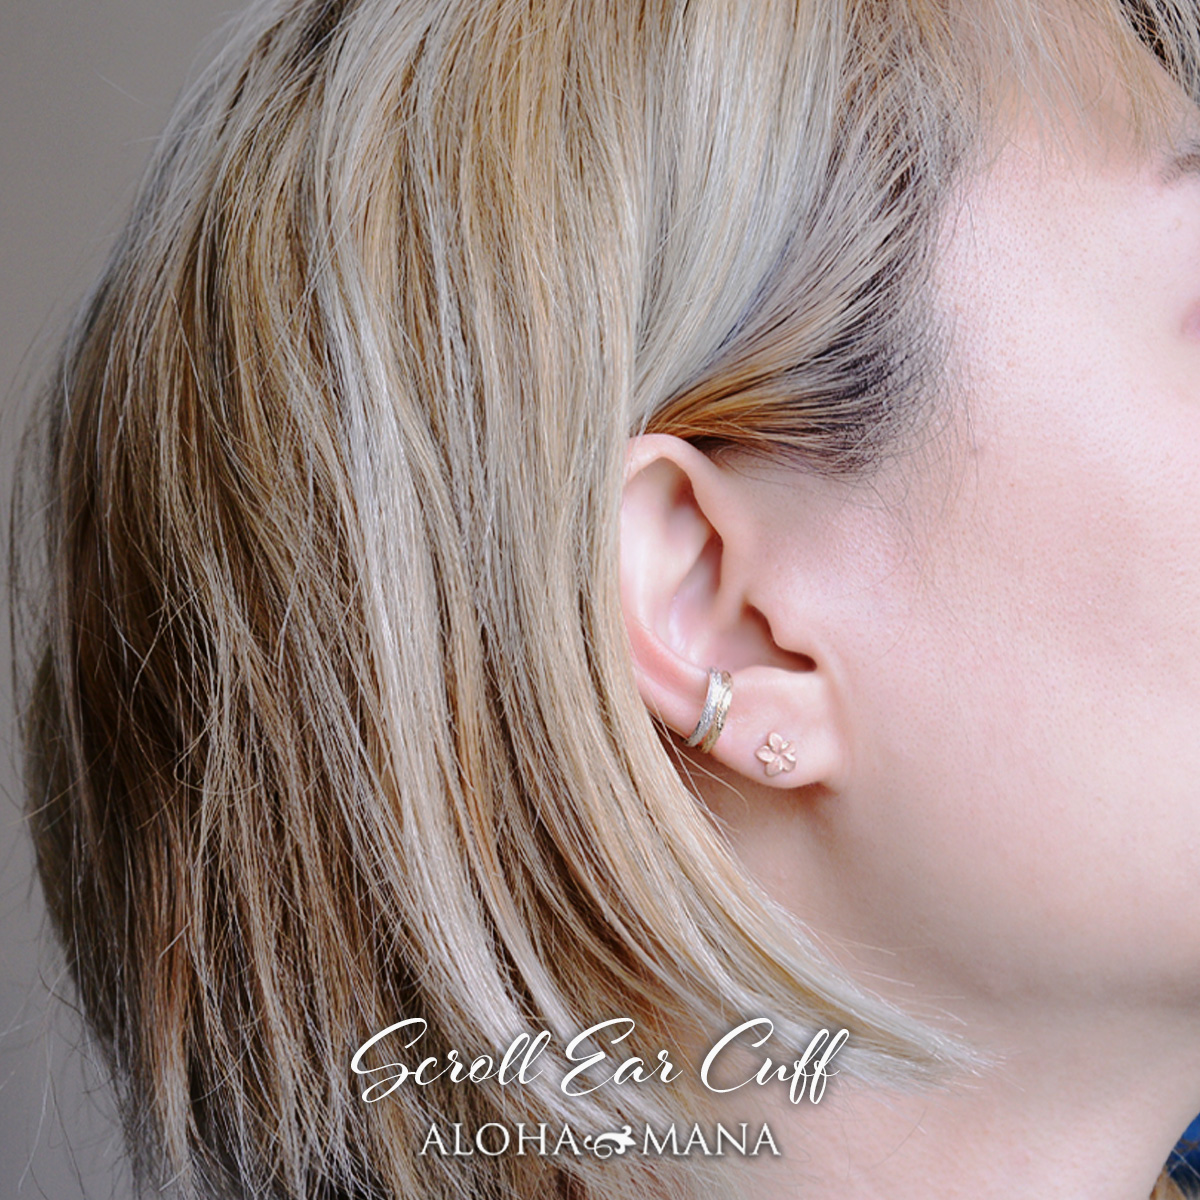 ゴールド カフ K18 イヤーカフ 2mm 片耳用 ハワイアンジュエリー アクセサリー レディース 女性 メンズ 男性 スクロールイヤーカフ aer1501aeプレゼント